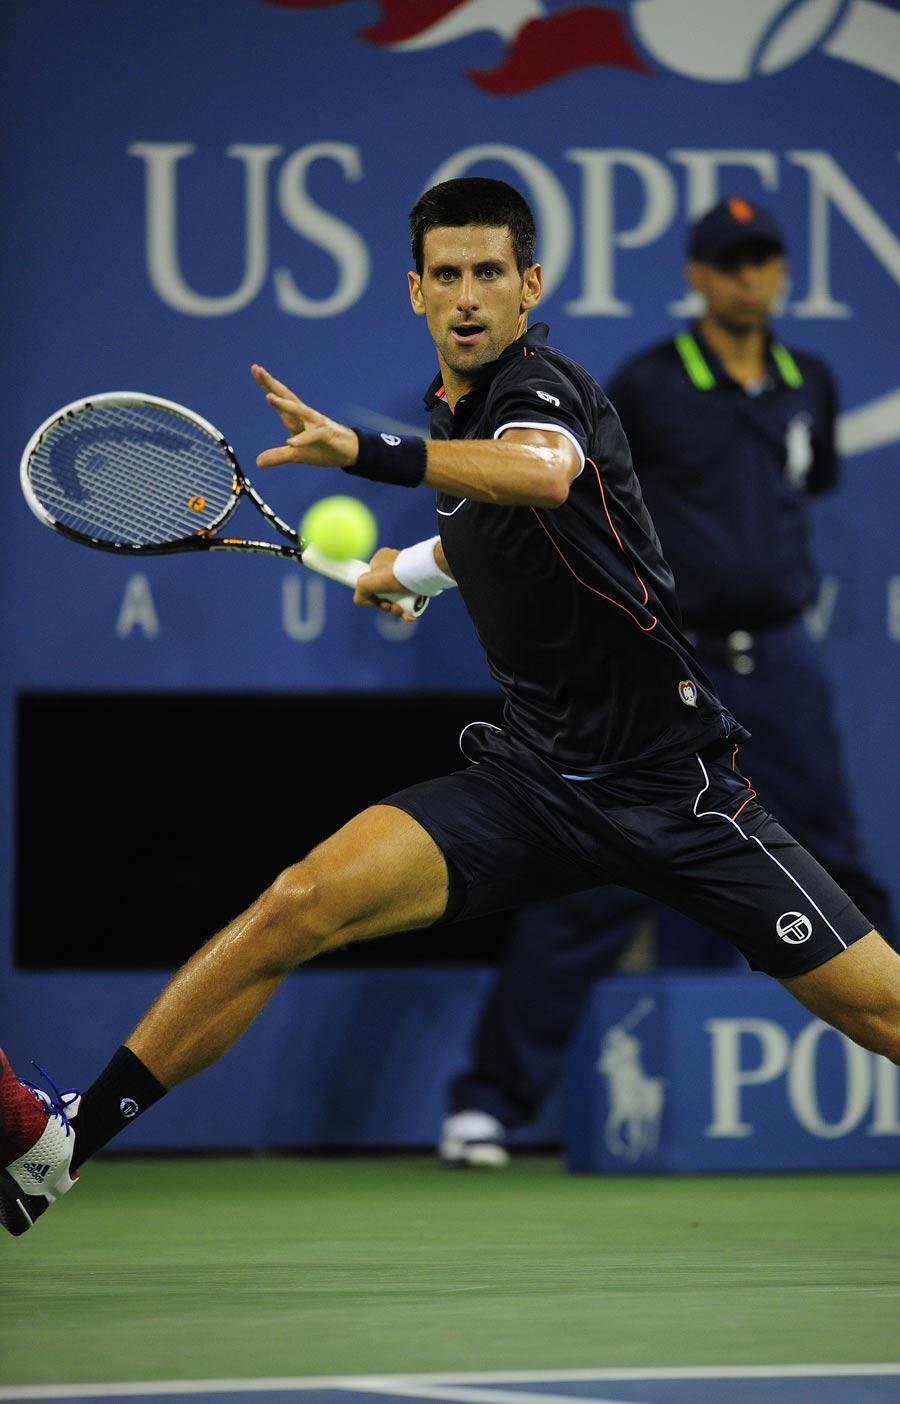 28731 - Djokovic swats away challenge of Davydenko